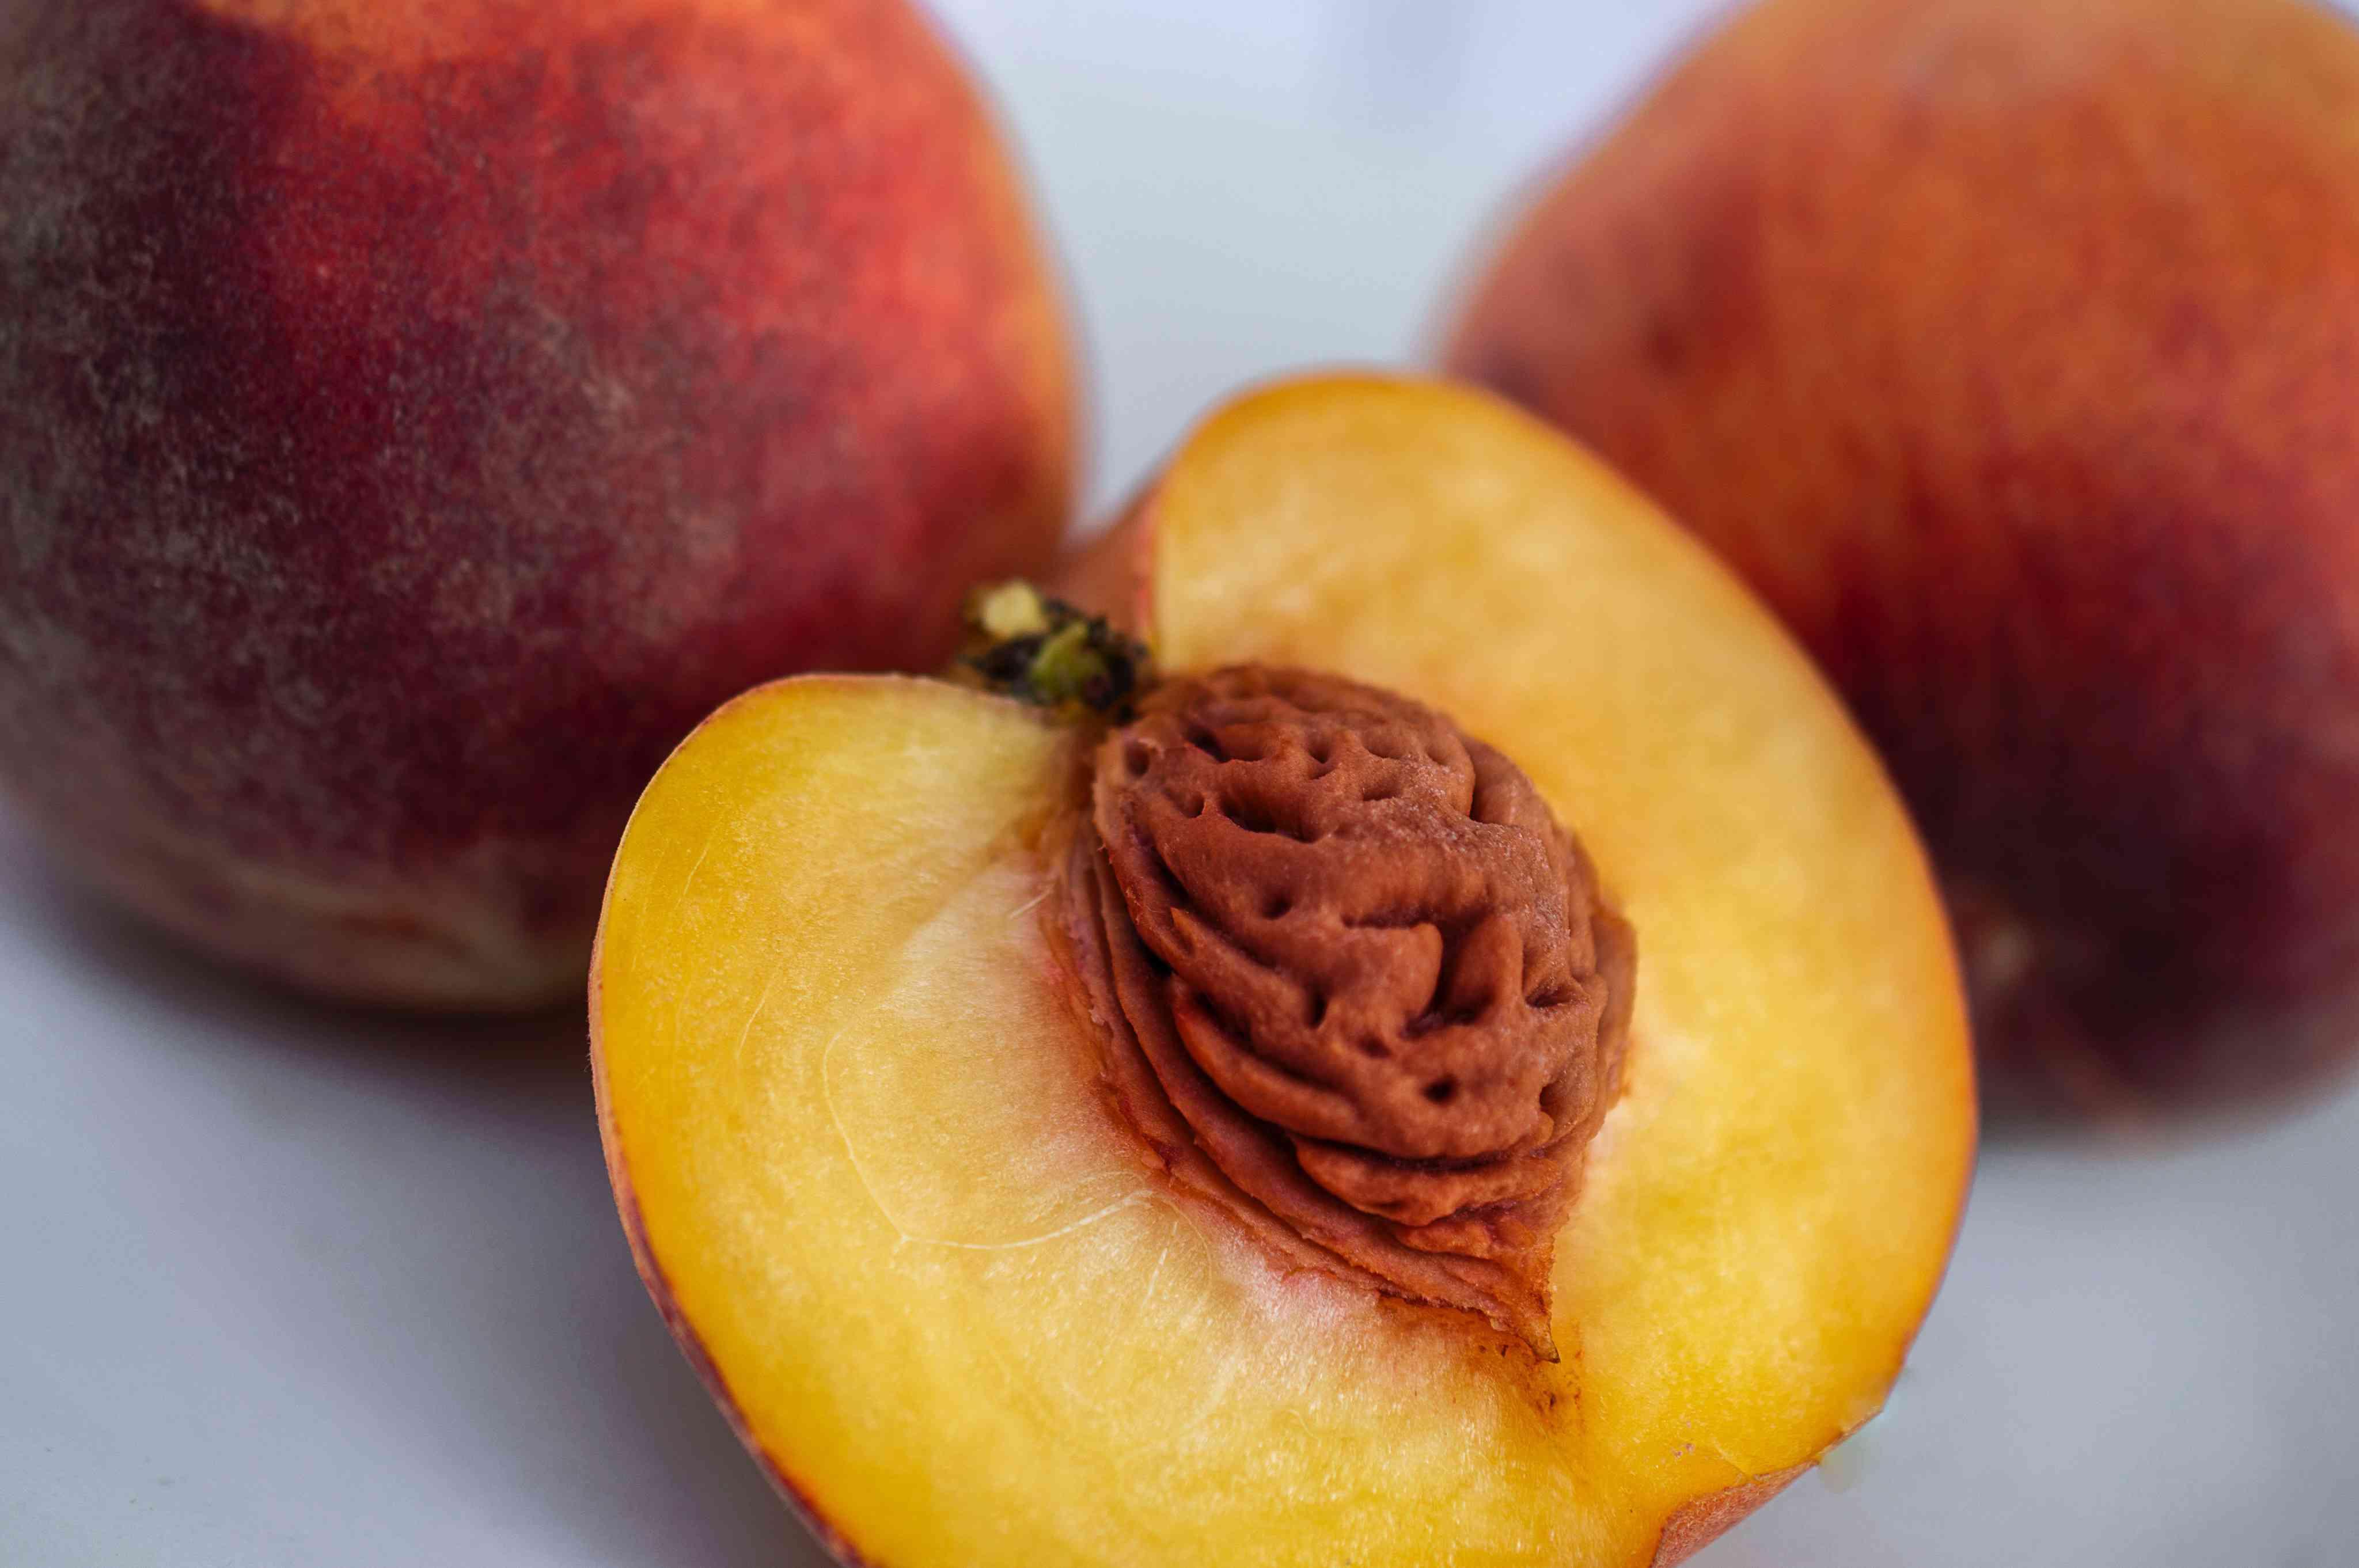 10 loại trái cây tốt nhất cho cơ thể - 1